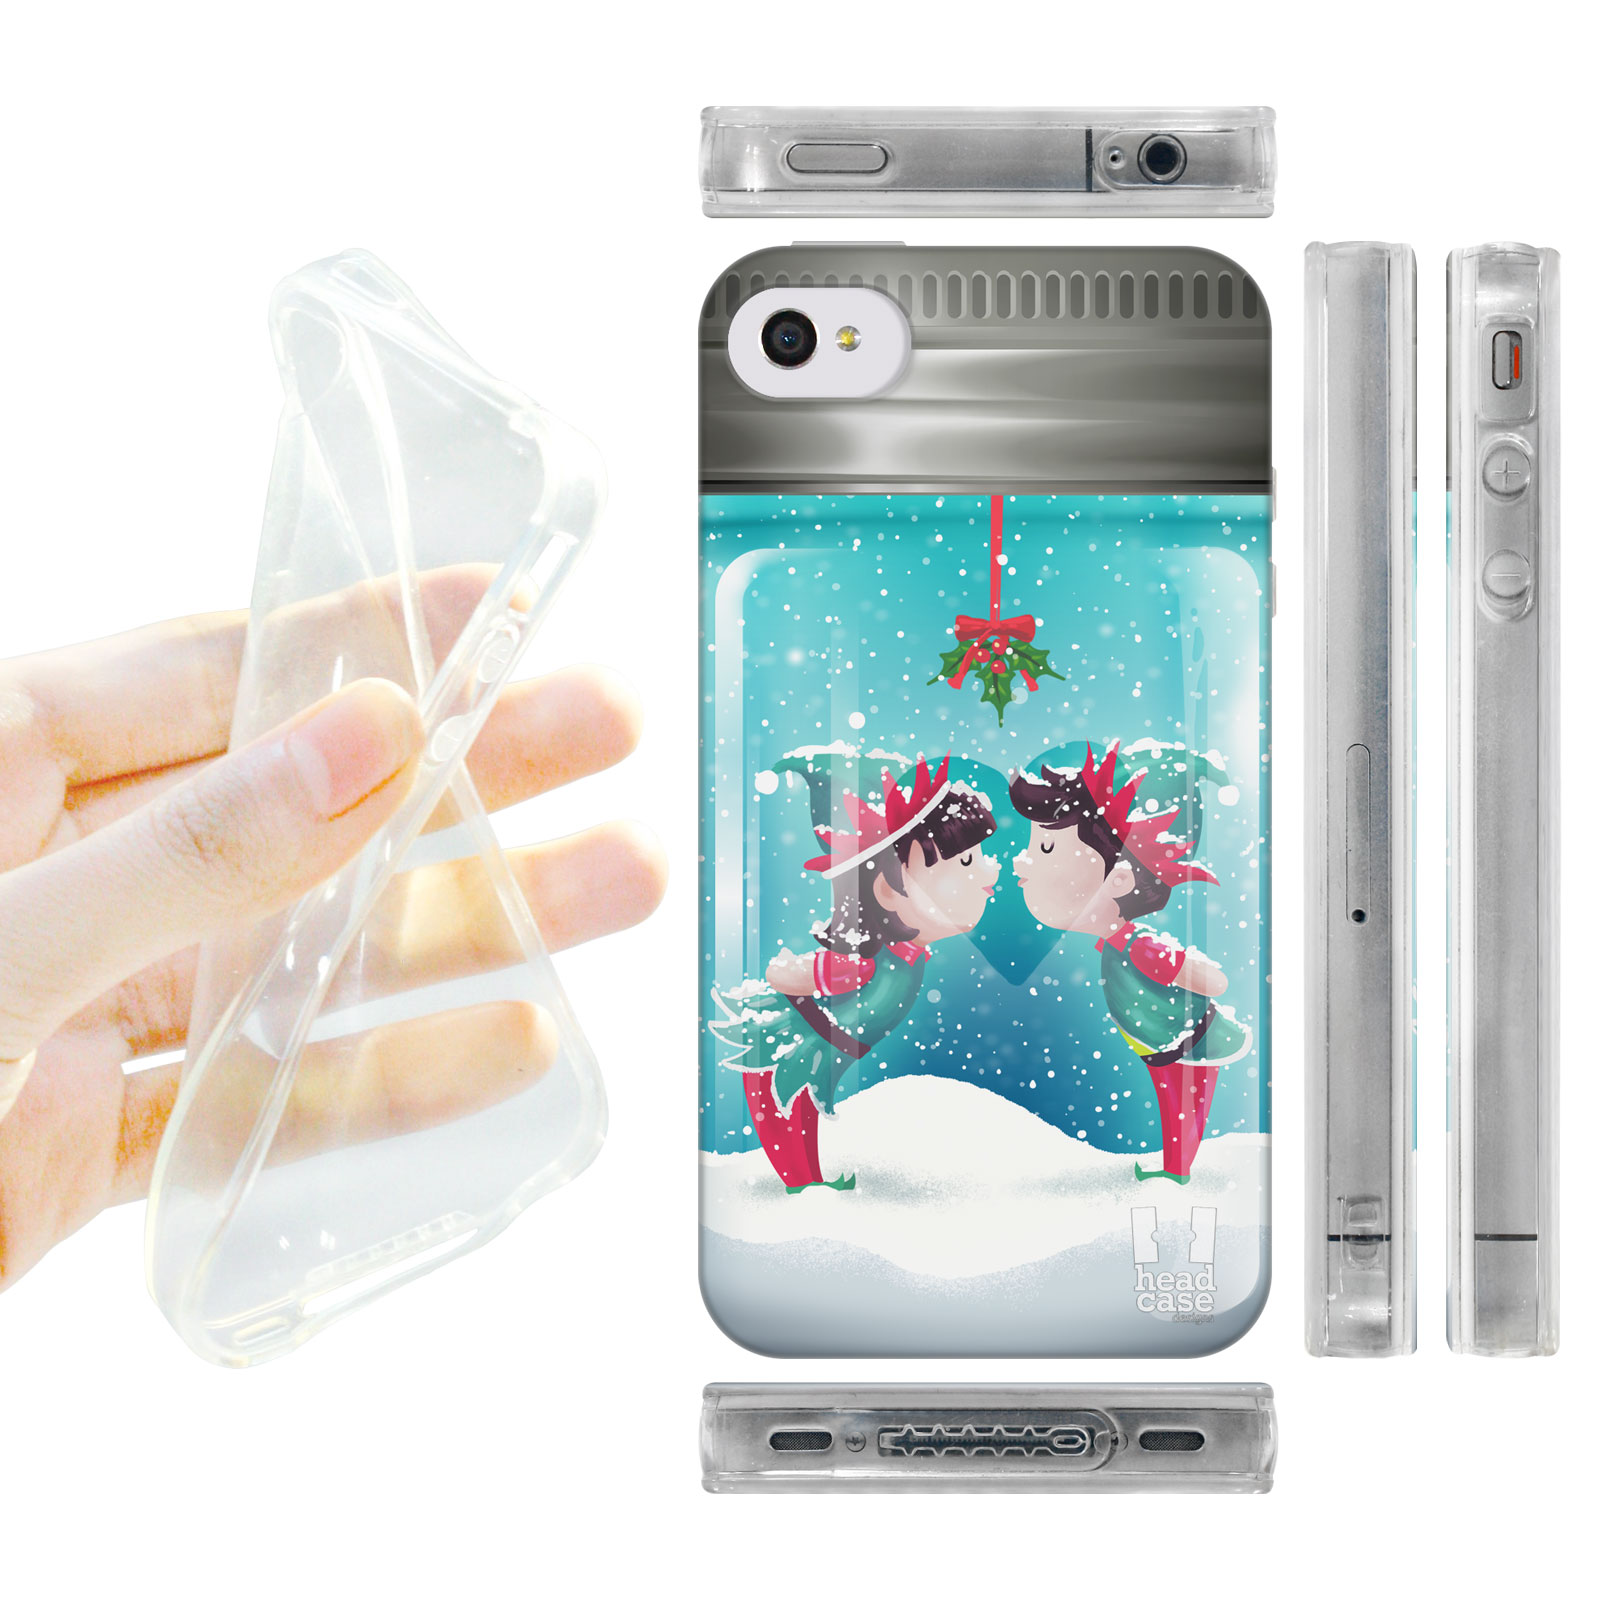 HEAD CASE silikonový obal na mobil Iphone 4/4S vánoční koule pusa modrá barva